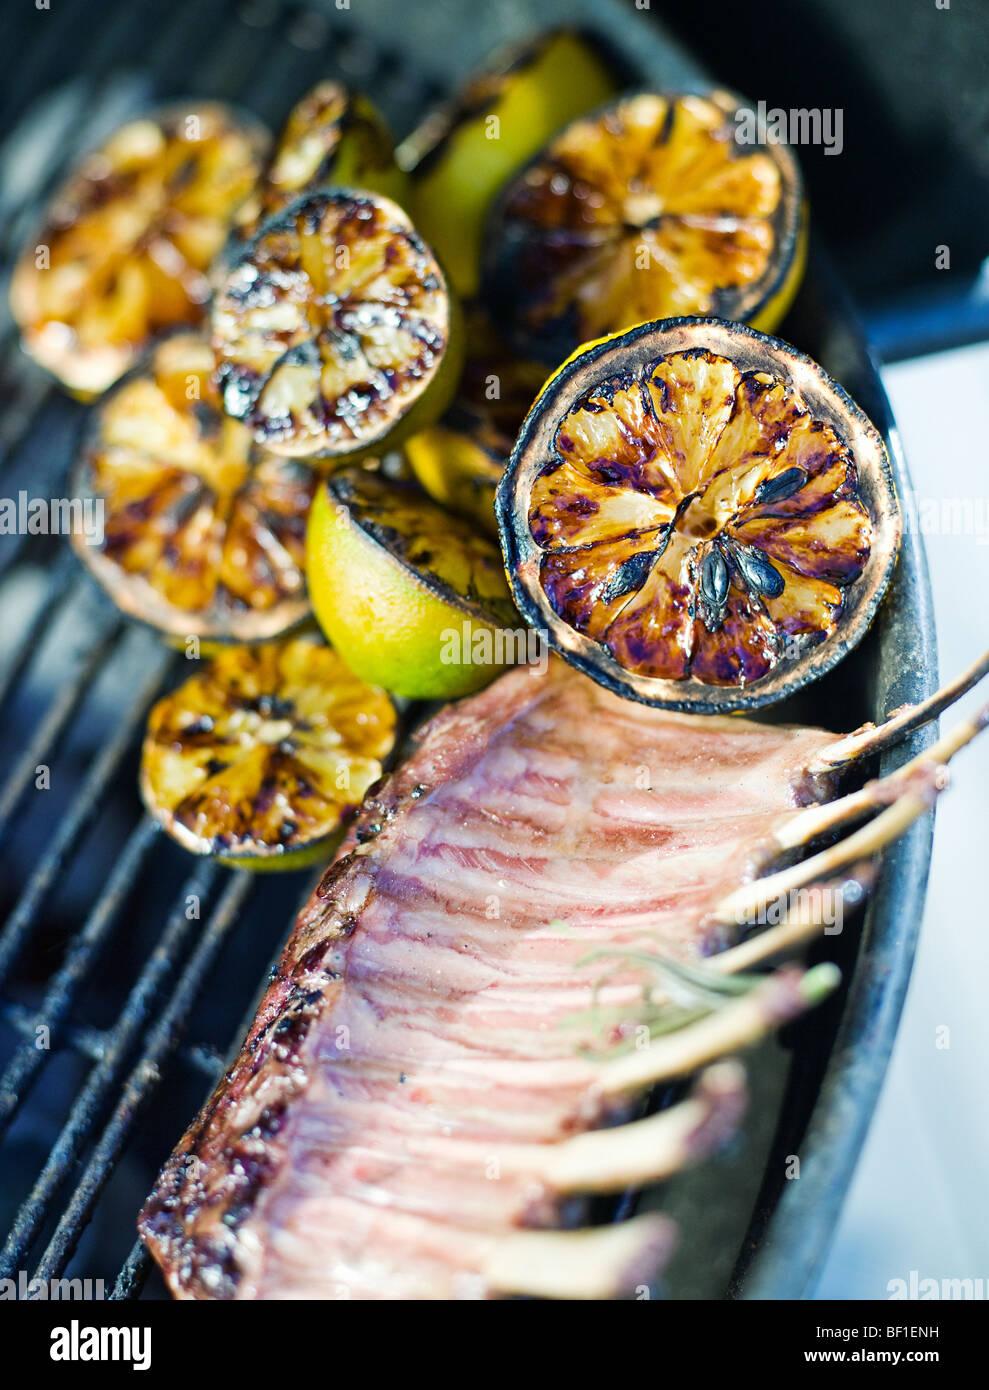 Citron grillé et de mouton, en Suède. Photo Stock